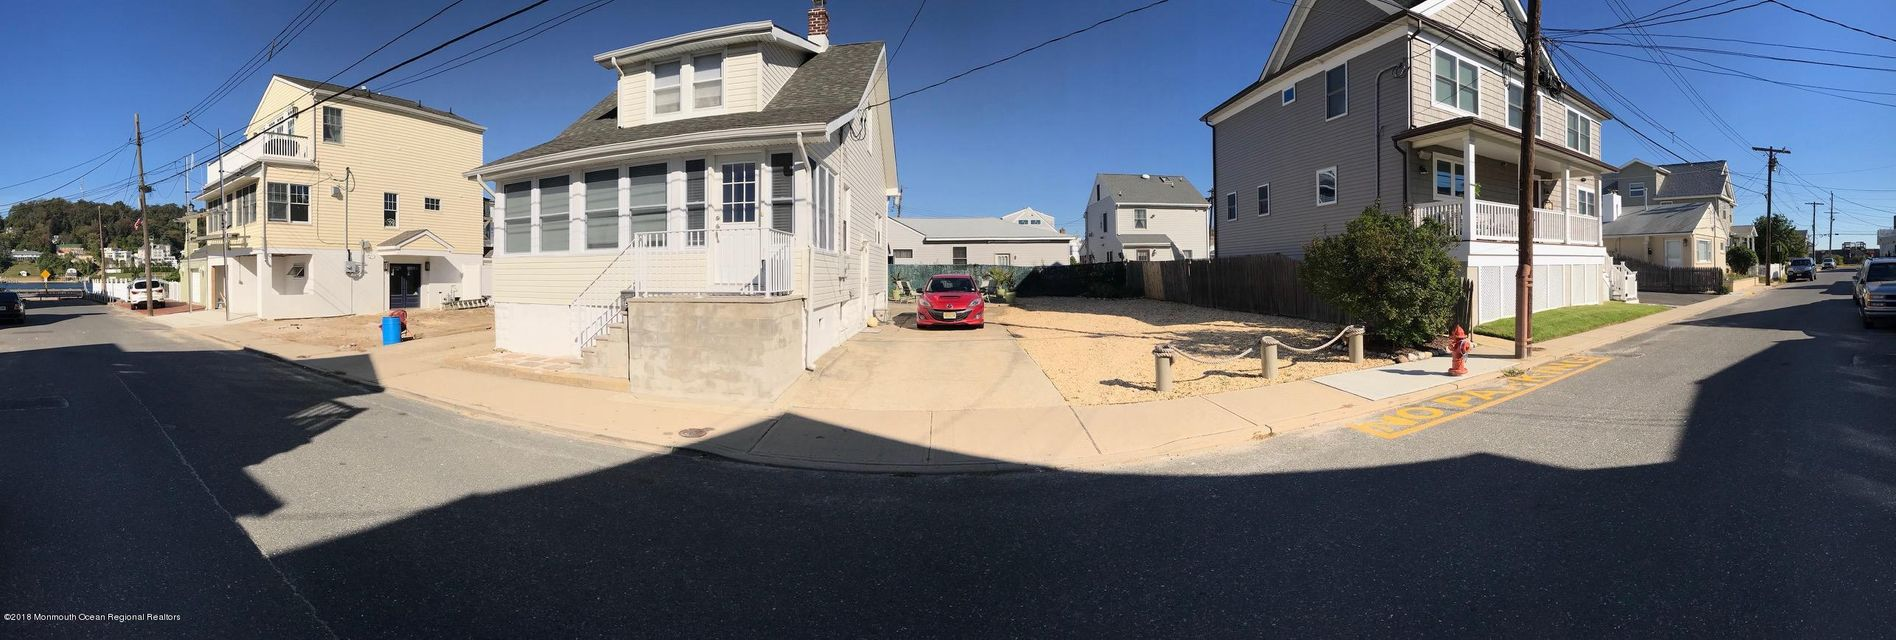 Maison unifamiliale pour l à louer à 15 Via Ripa 15 Via Ripa Sea Bright, New Jersey 07760 États-Unis